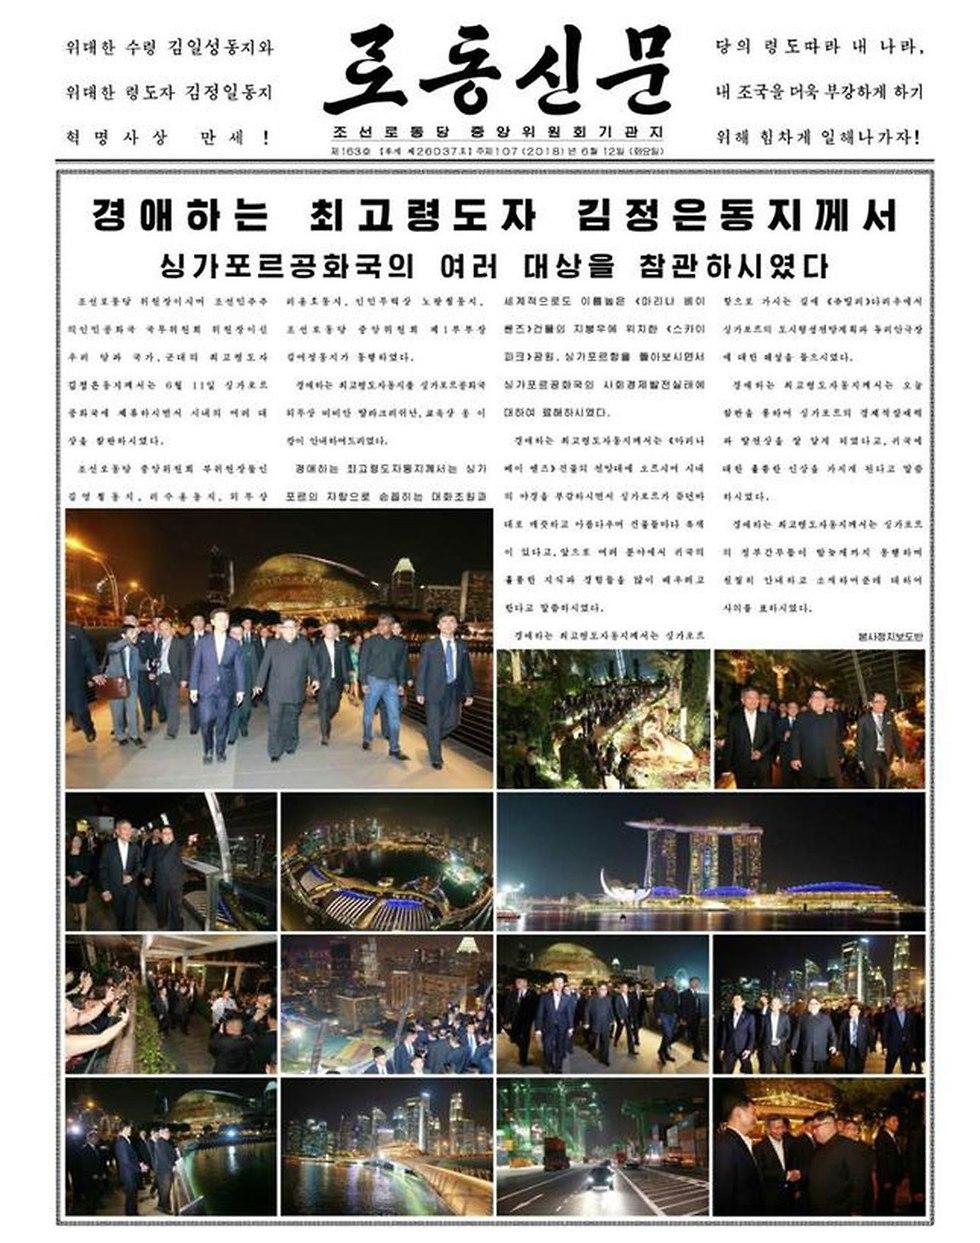 צפון קוריאה שער העיתון הממלכתי רודונג סינמון אחרי הפסגה ב סינגפור ()